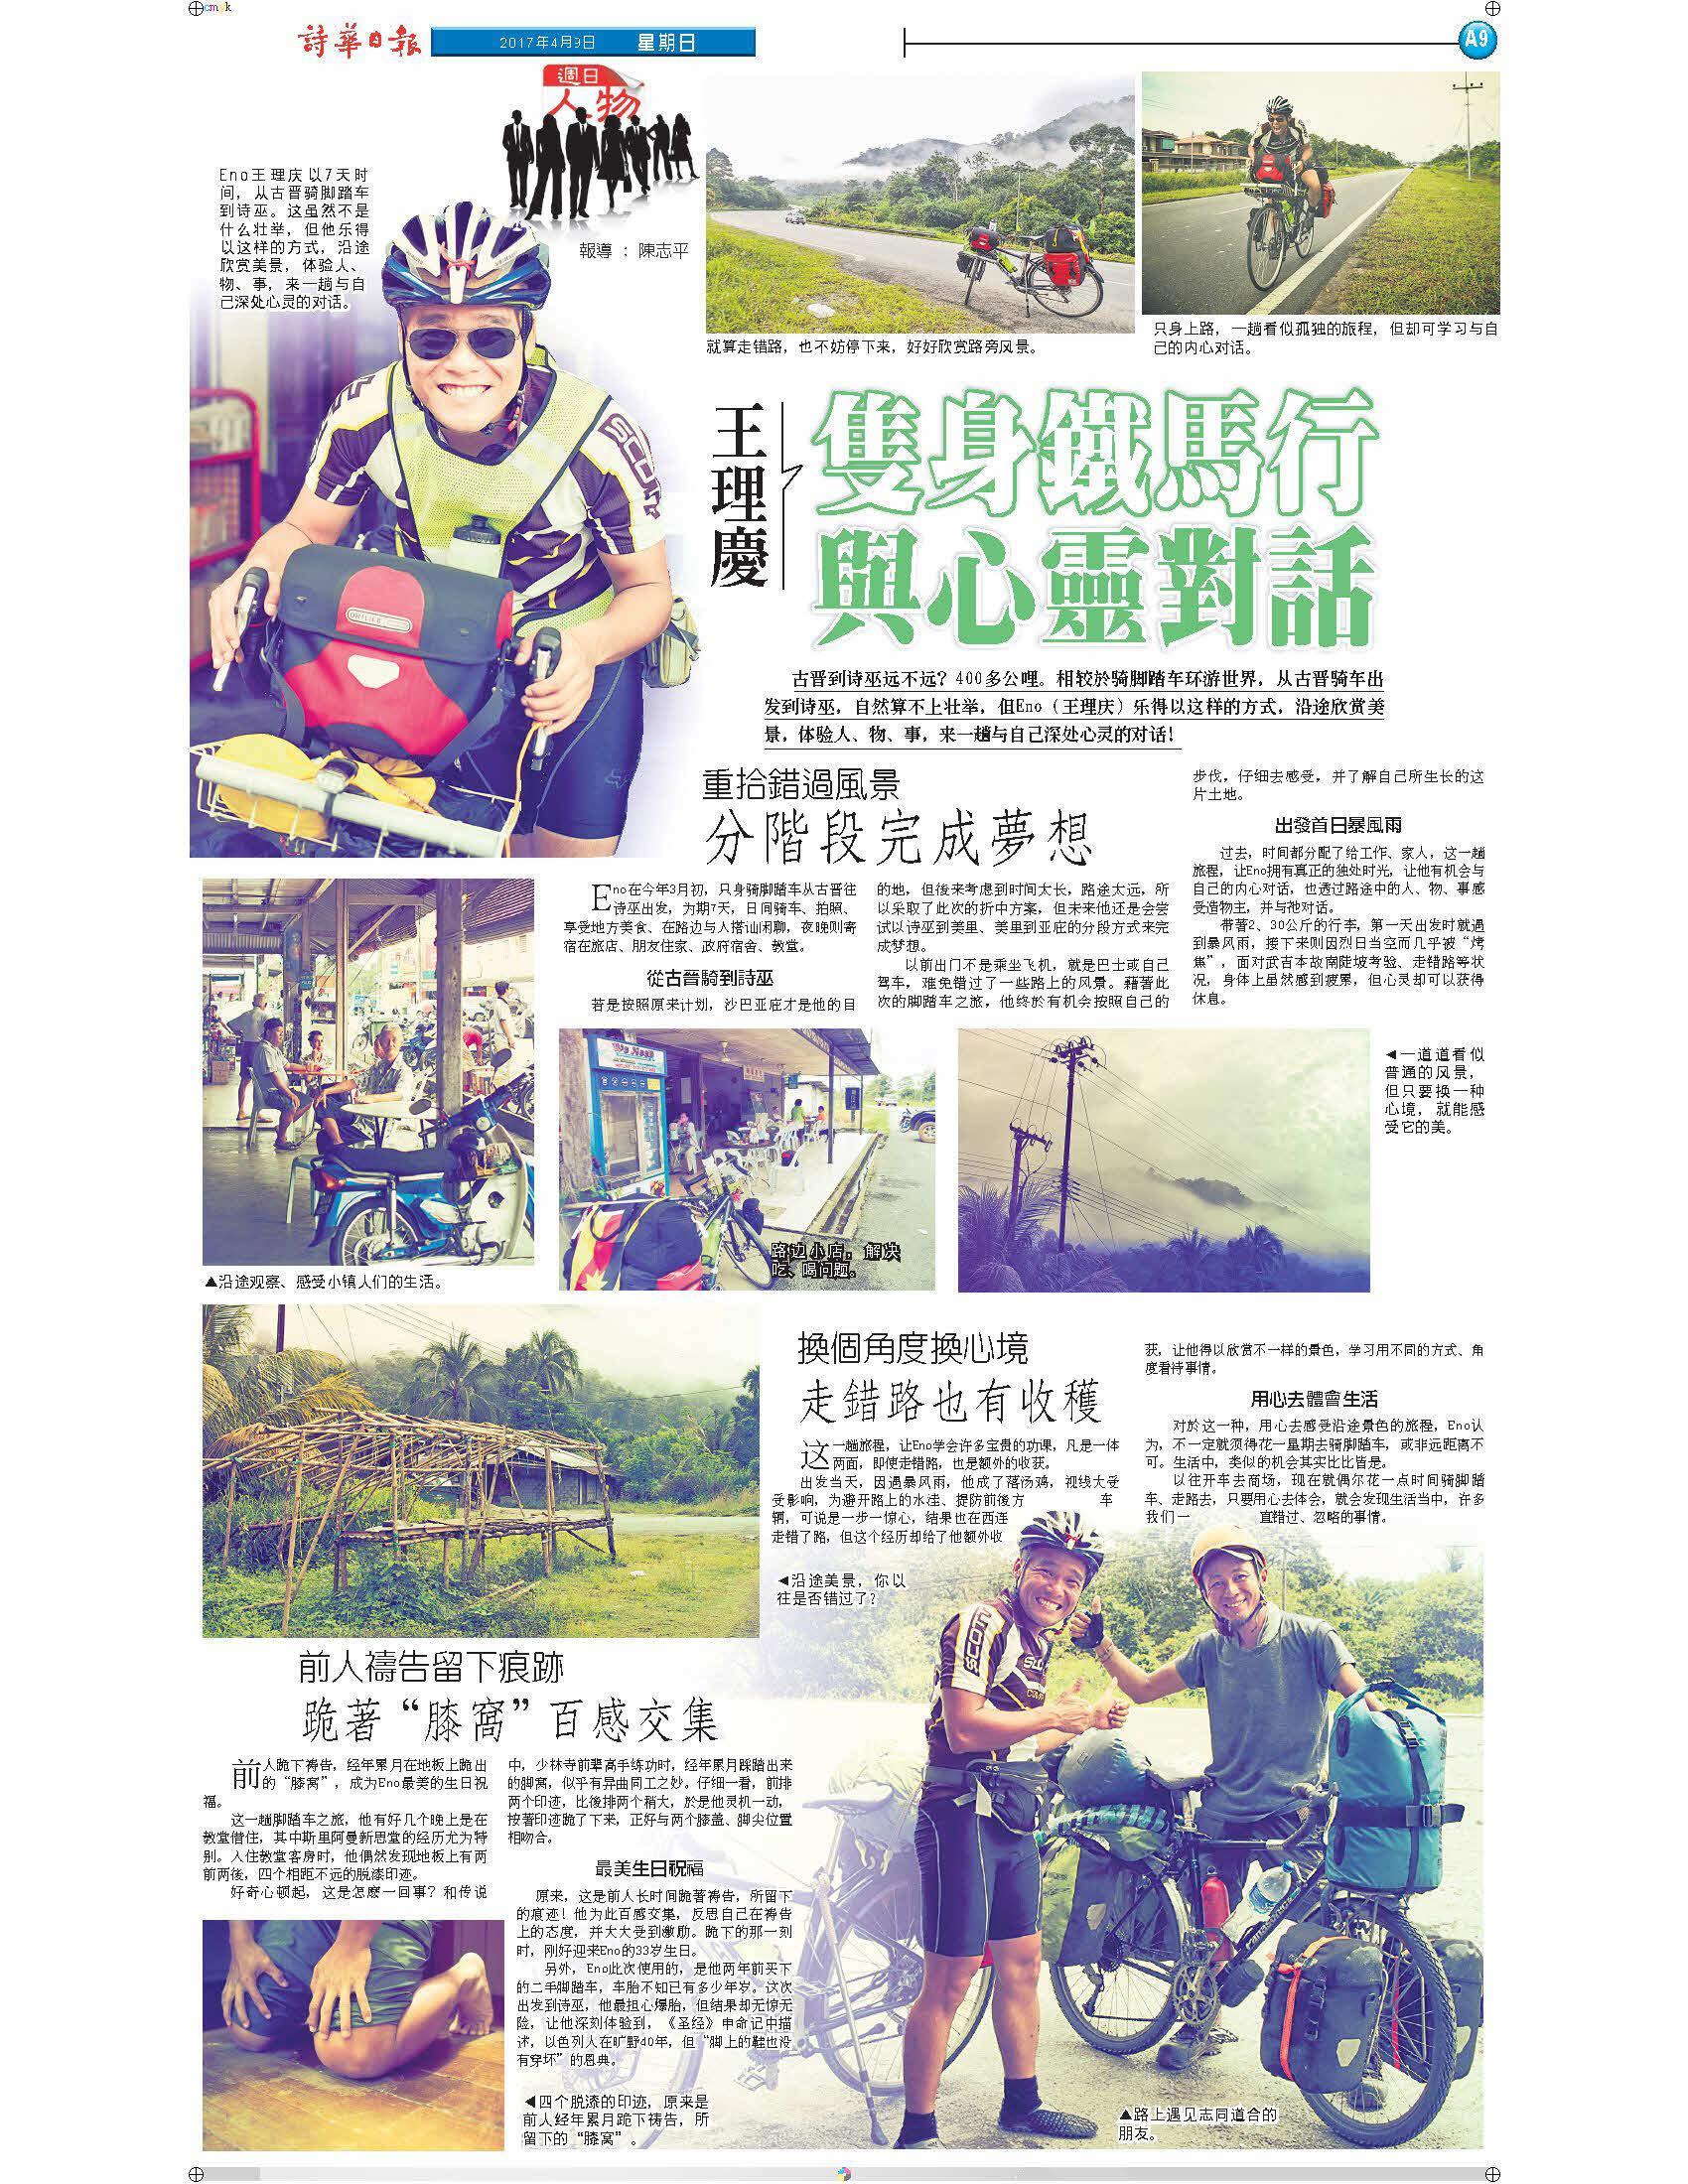 20170409 Newspaper